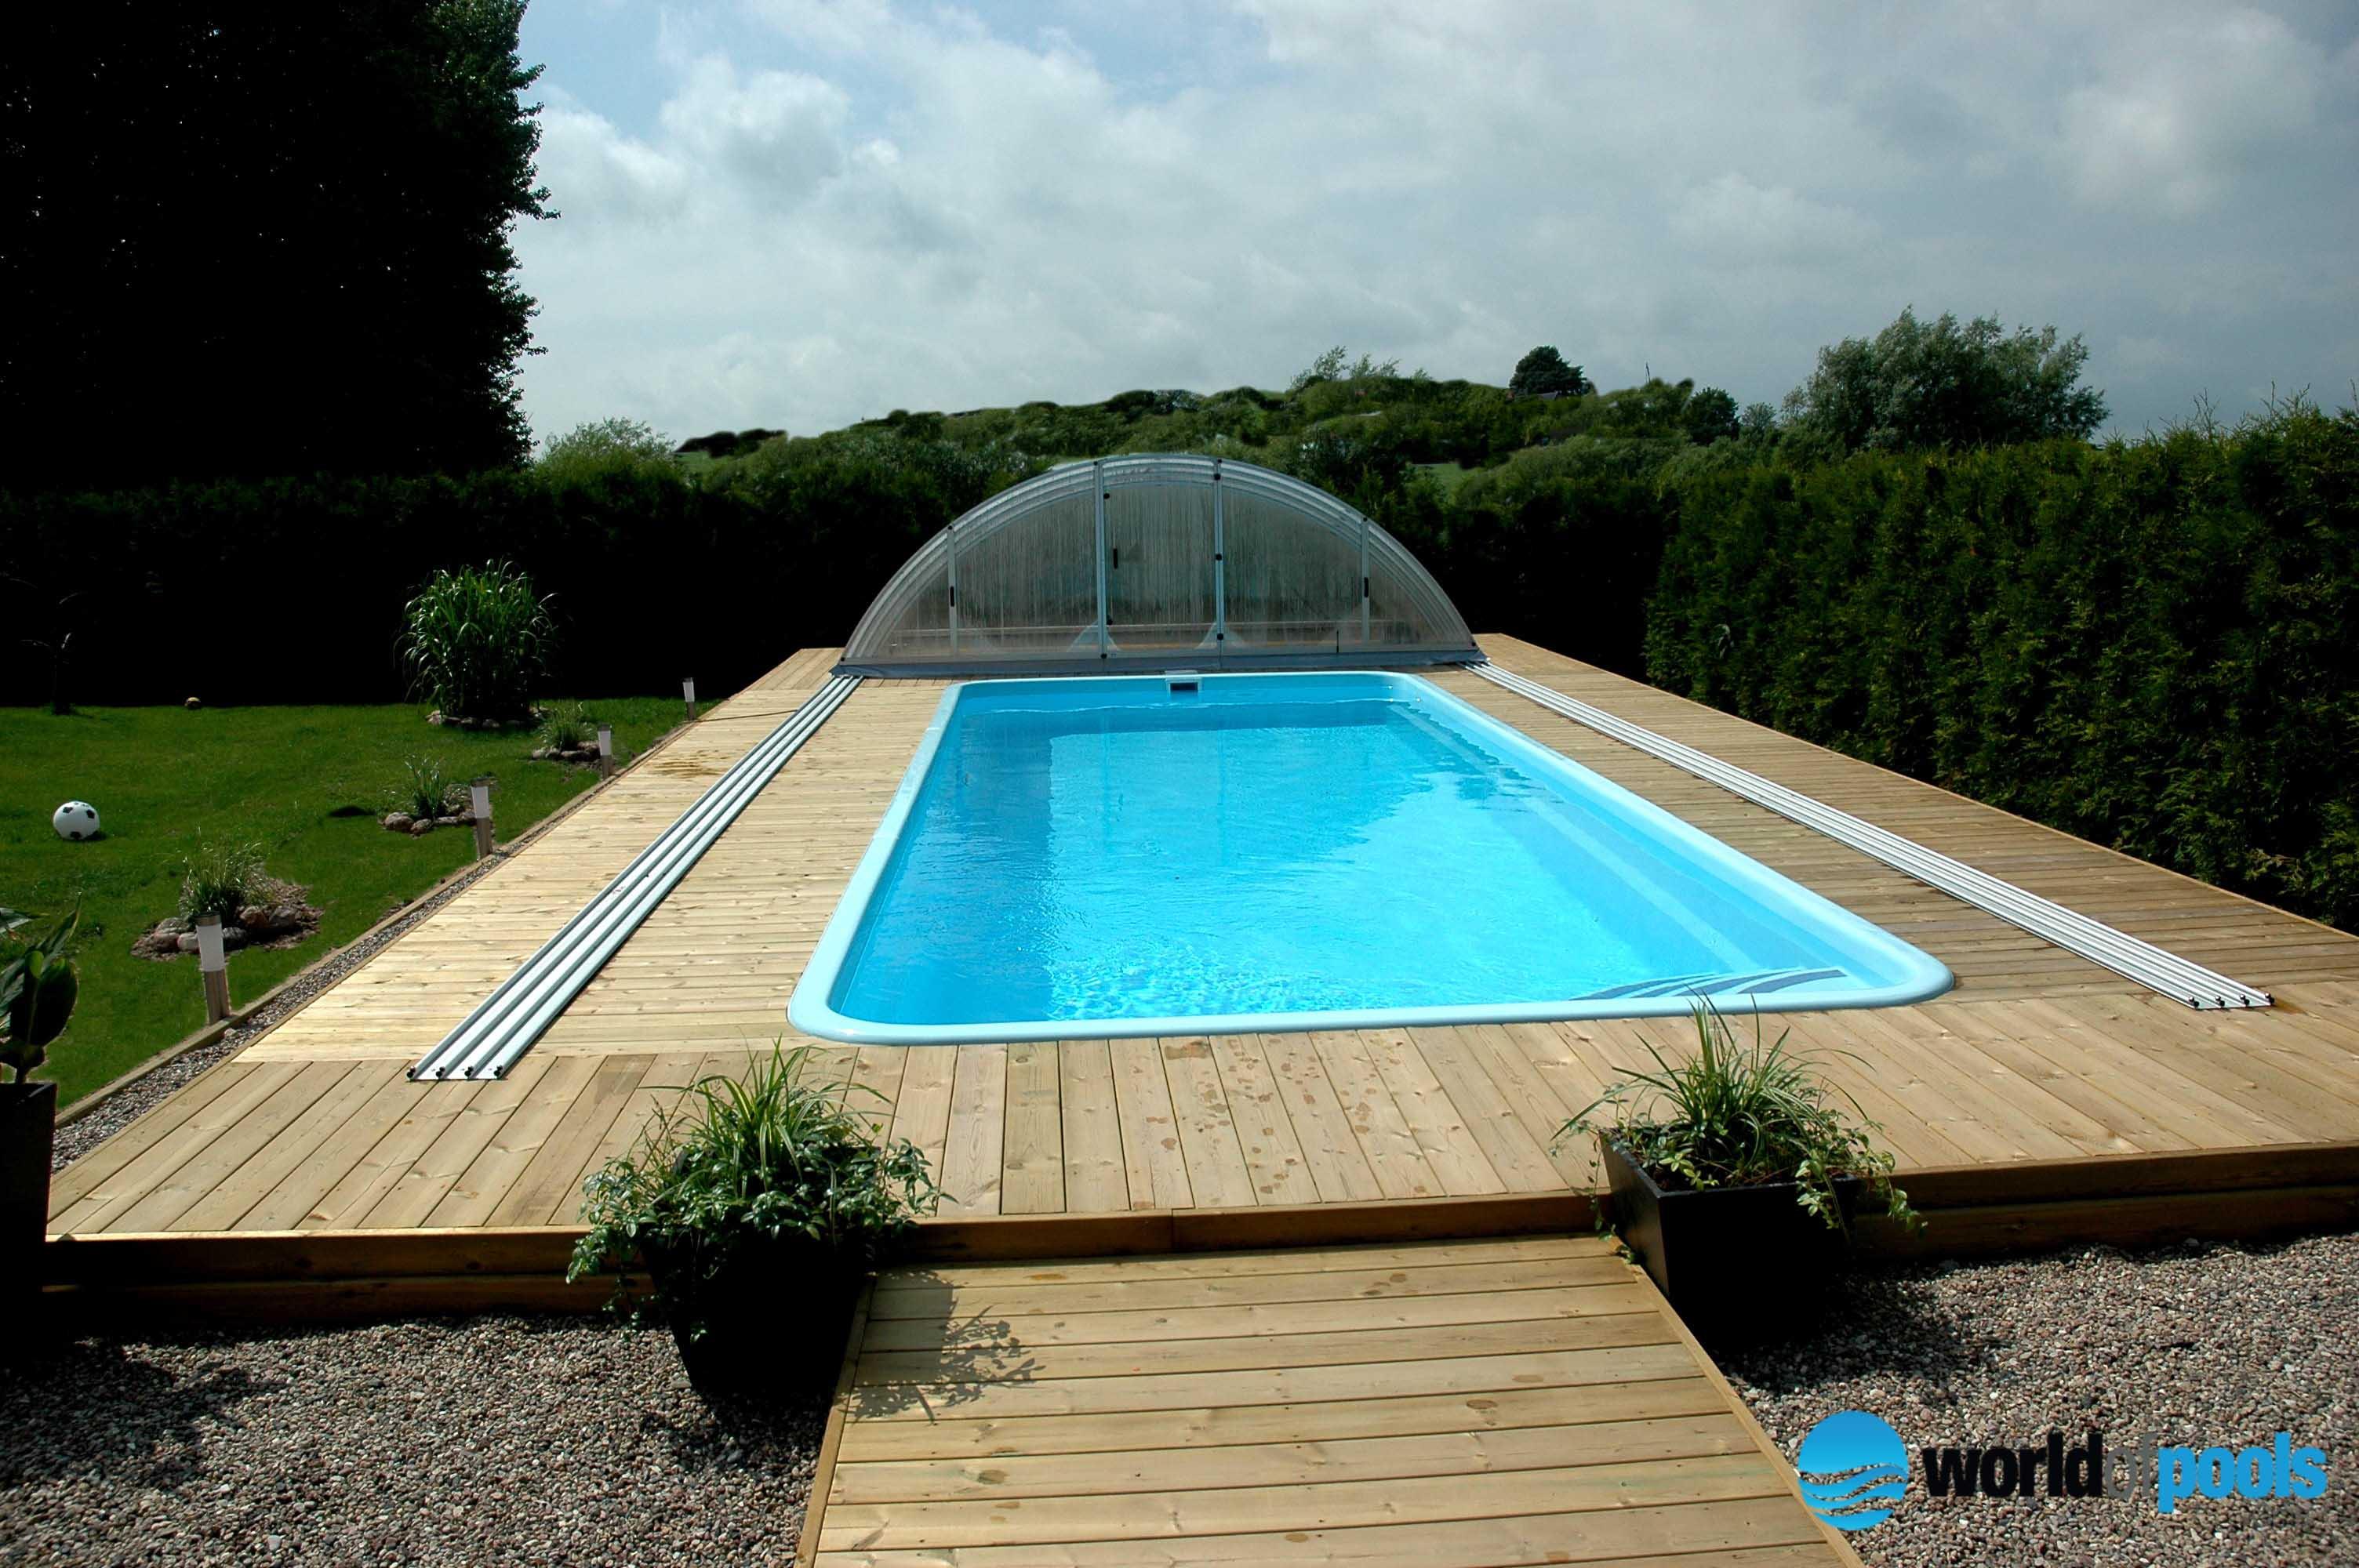 angebot swimming pools manufacturer in europe. Black Bedroom Furniture Sets. Home Design Ideas